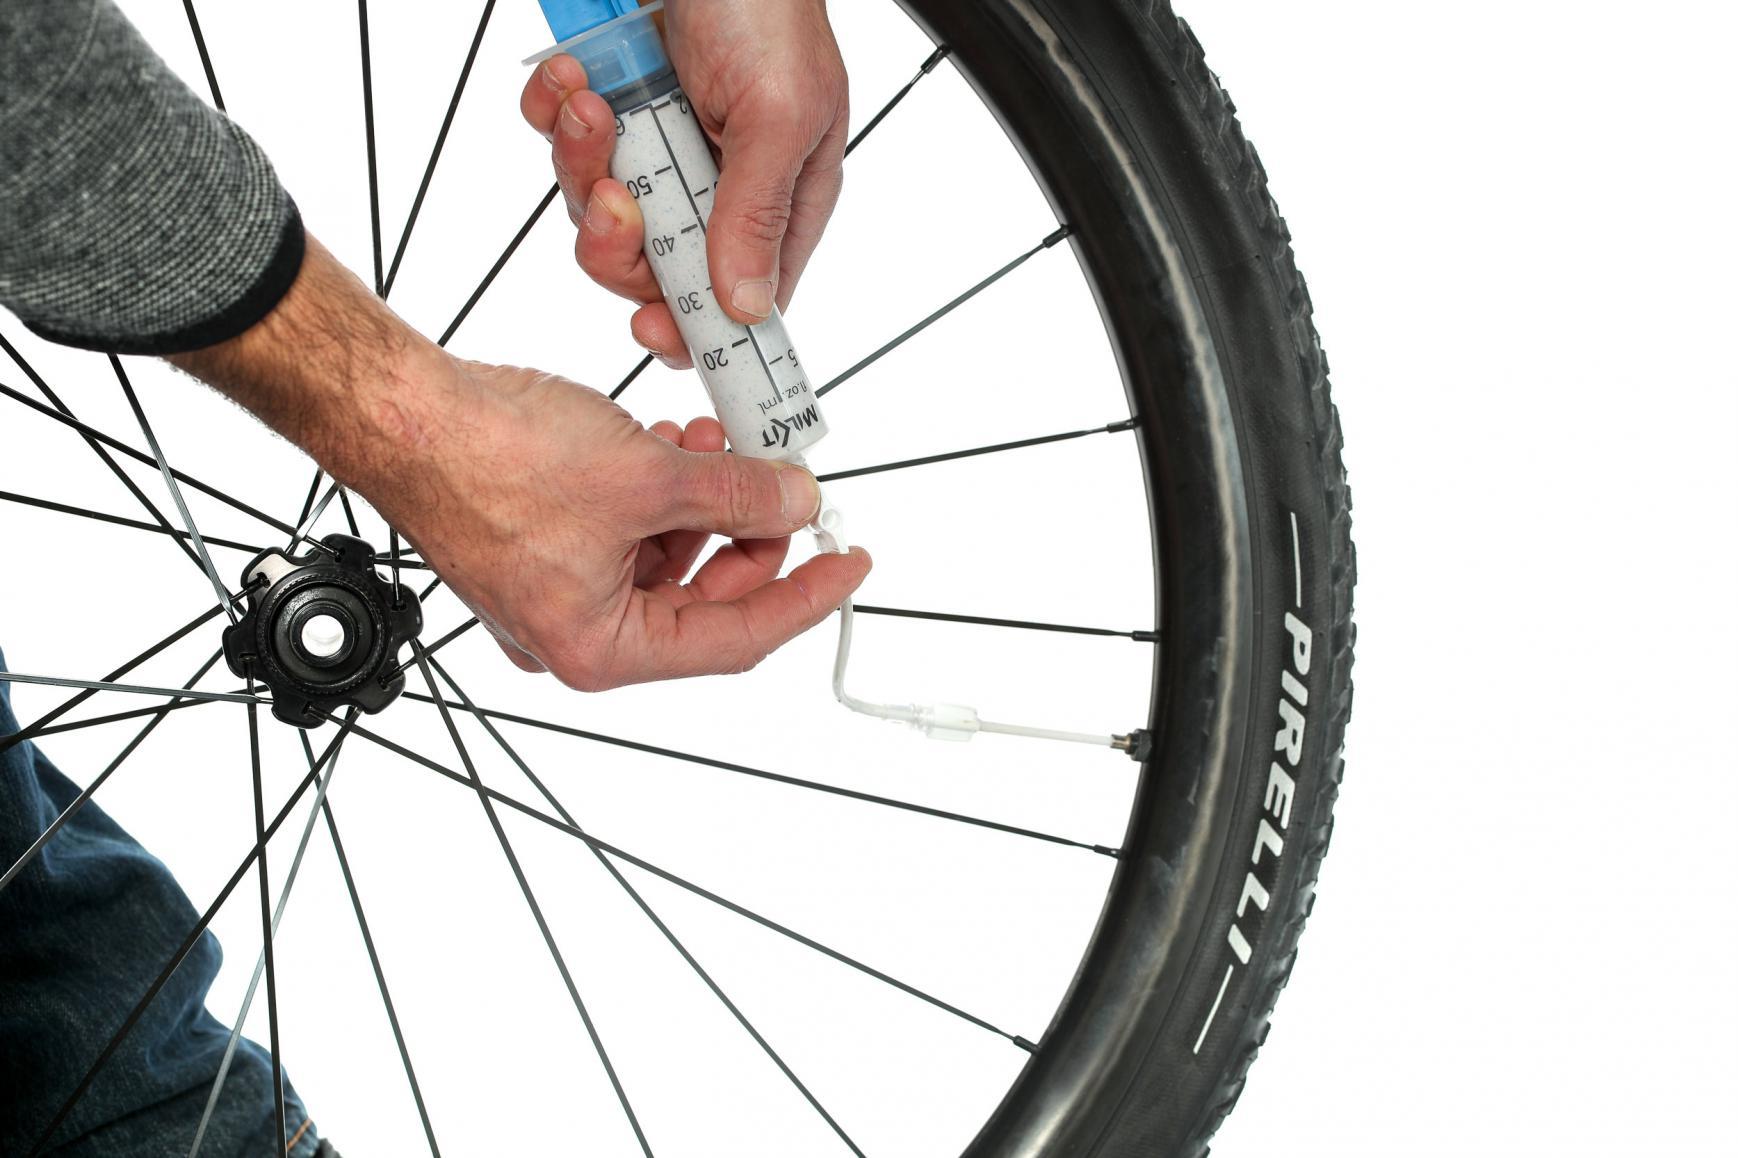 Das Tubeless-Sealant ins Laufrad-Reifen-System einfüllen.